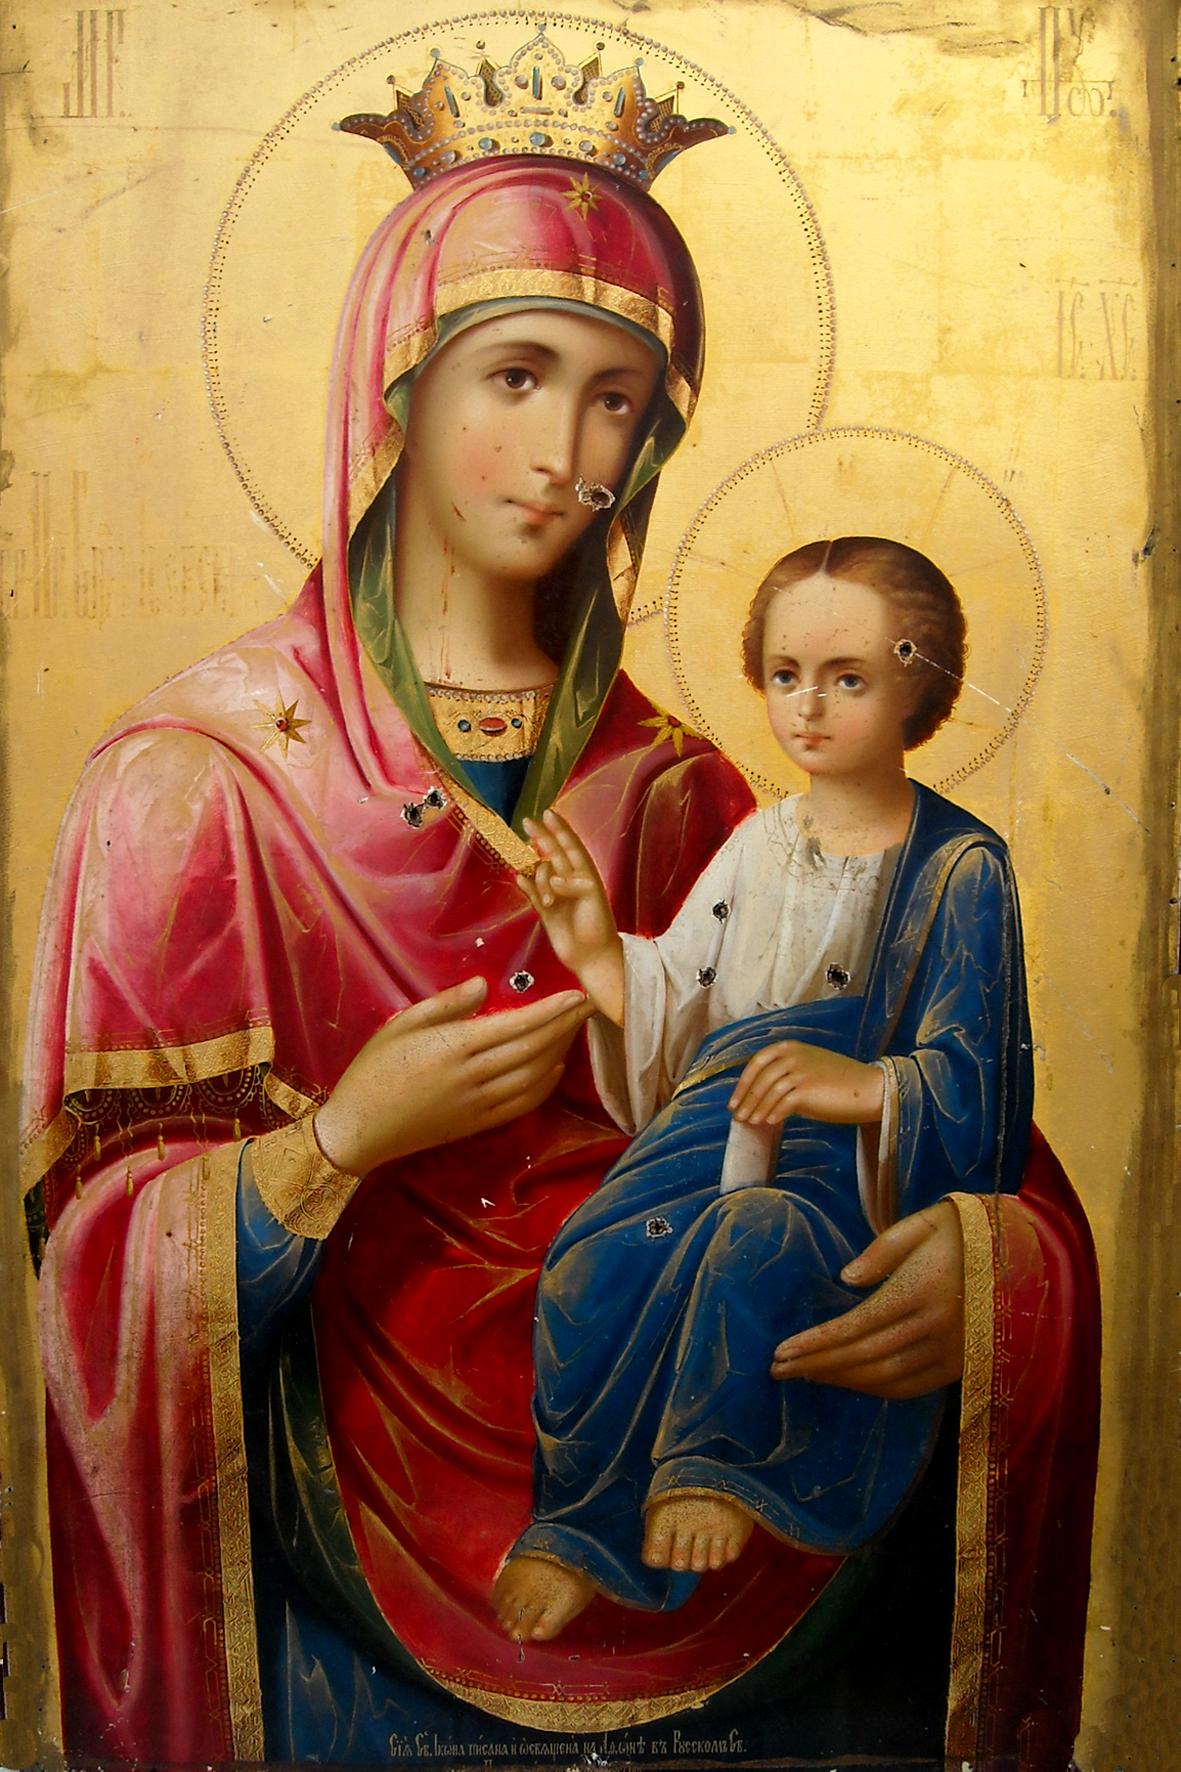 Чудотворная икона Божьей Матери Иверская